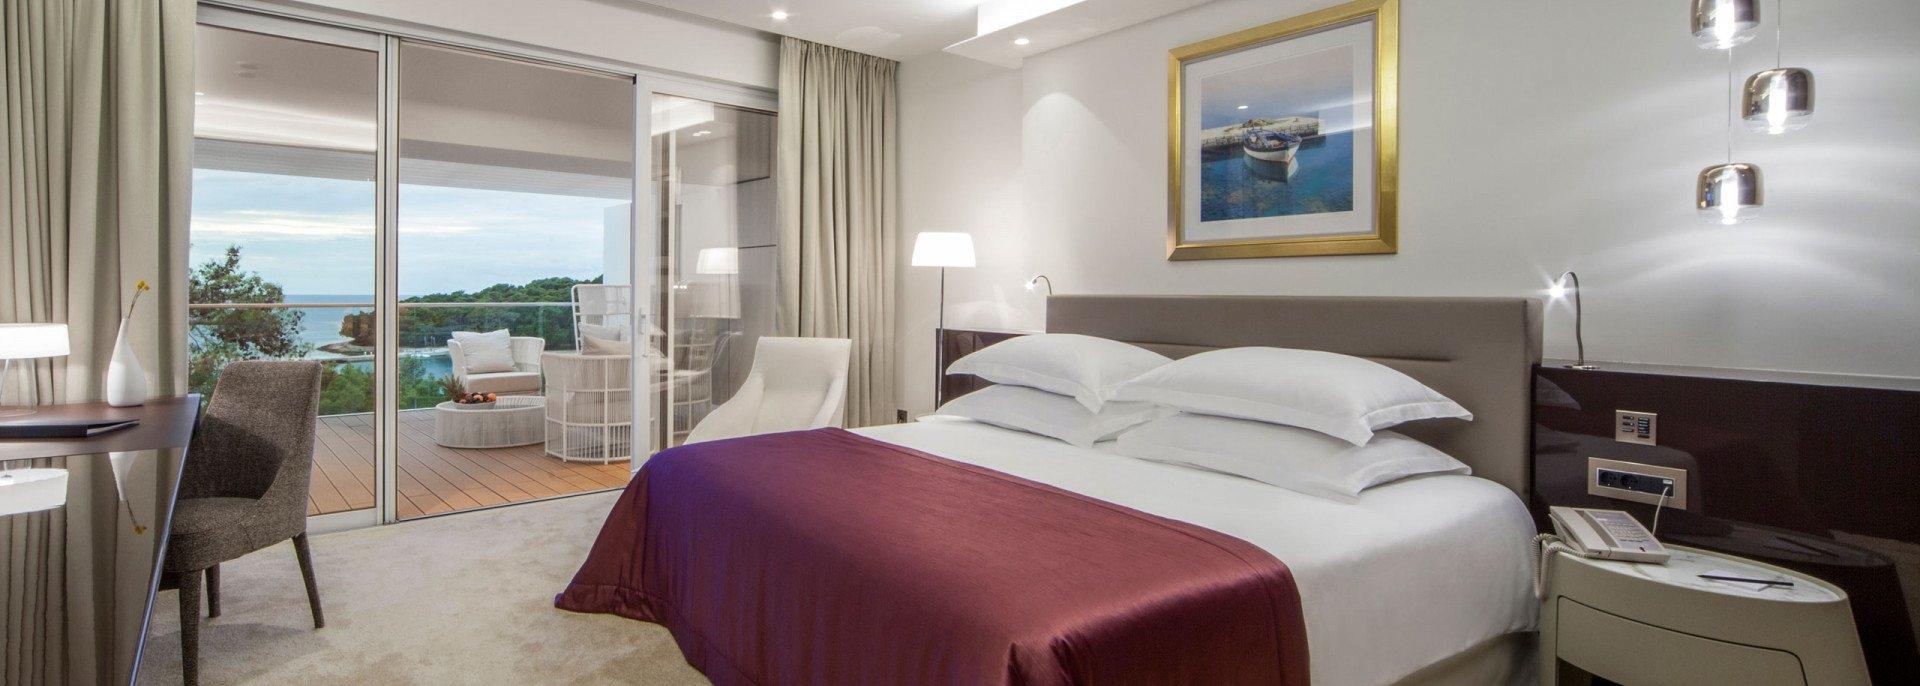 https://www.losinj-hotels.com/assets/Bellevue/Rooms-Suites/_resampled/CroppedFocusedImageWyIxOTIwIiwiNjg2IiwieSIsMjU3XQ/Presidental-suite.jpg